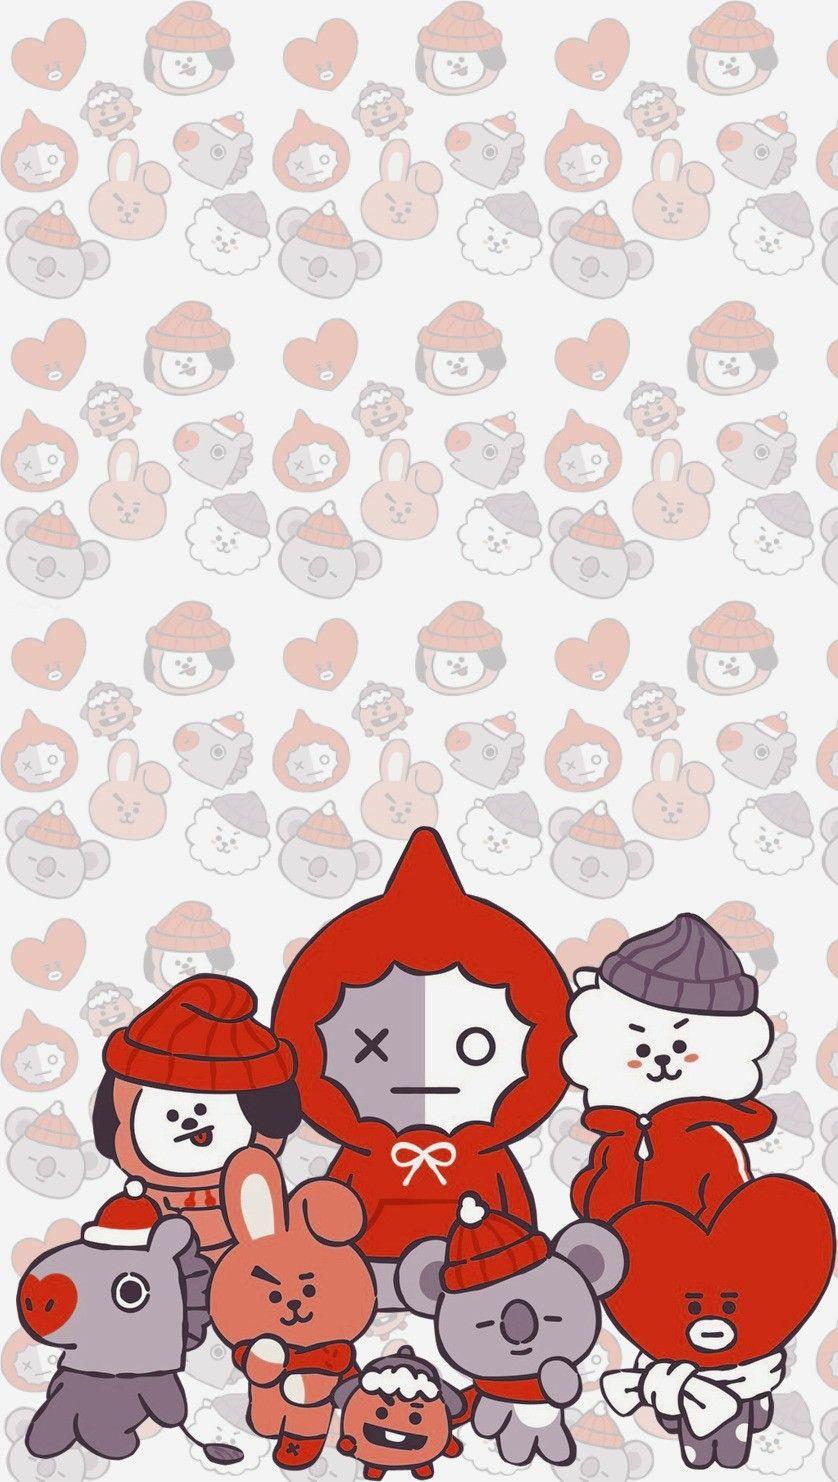 Bt21 Chirstmas Rj Mang Koya Chimmy Shooky Cooky Tata Van Bts Wallpaper Bts Christmas Bts Fanart